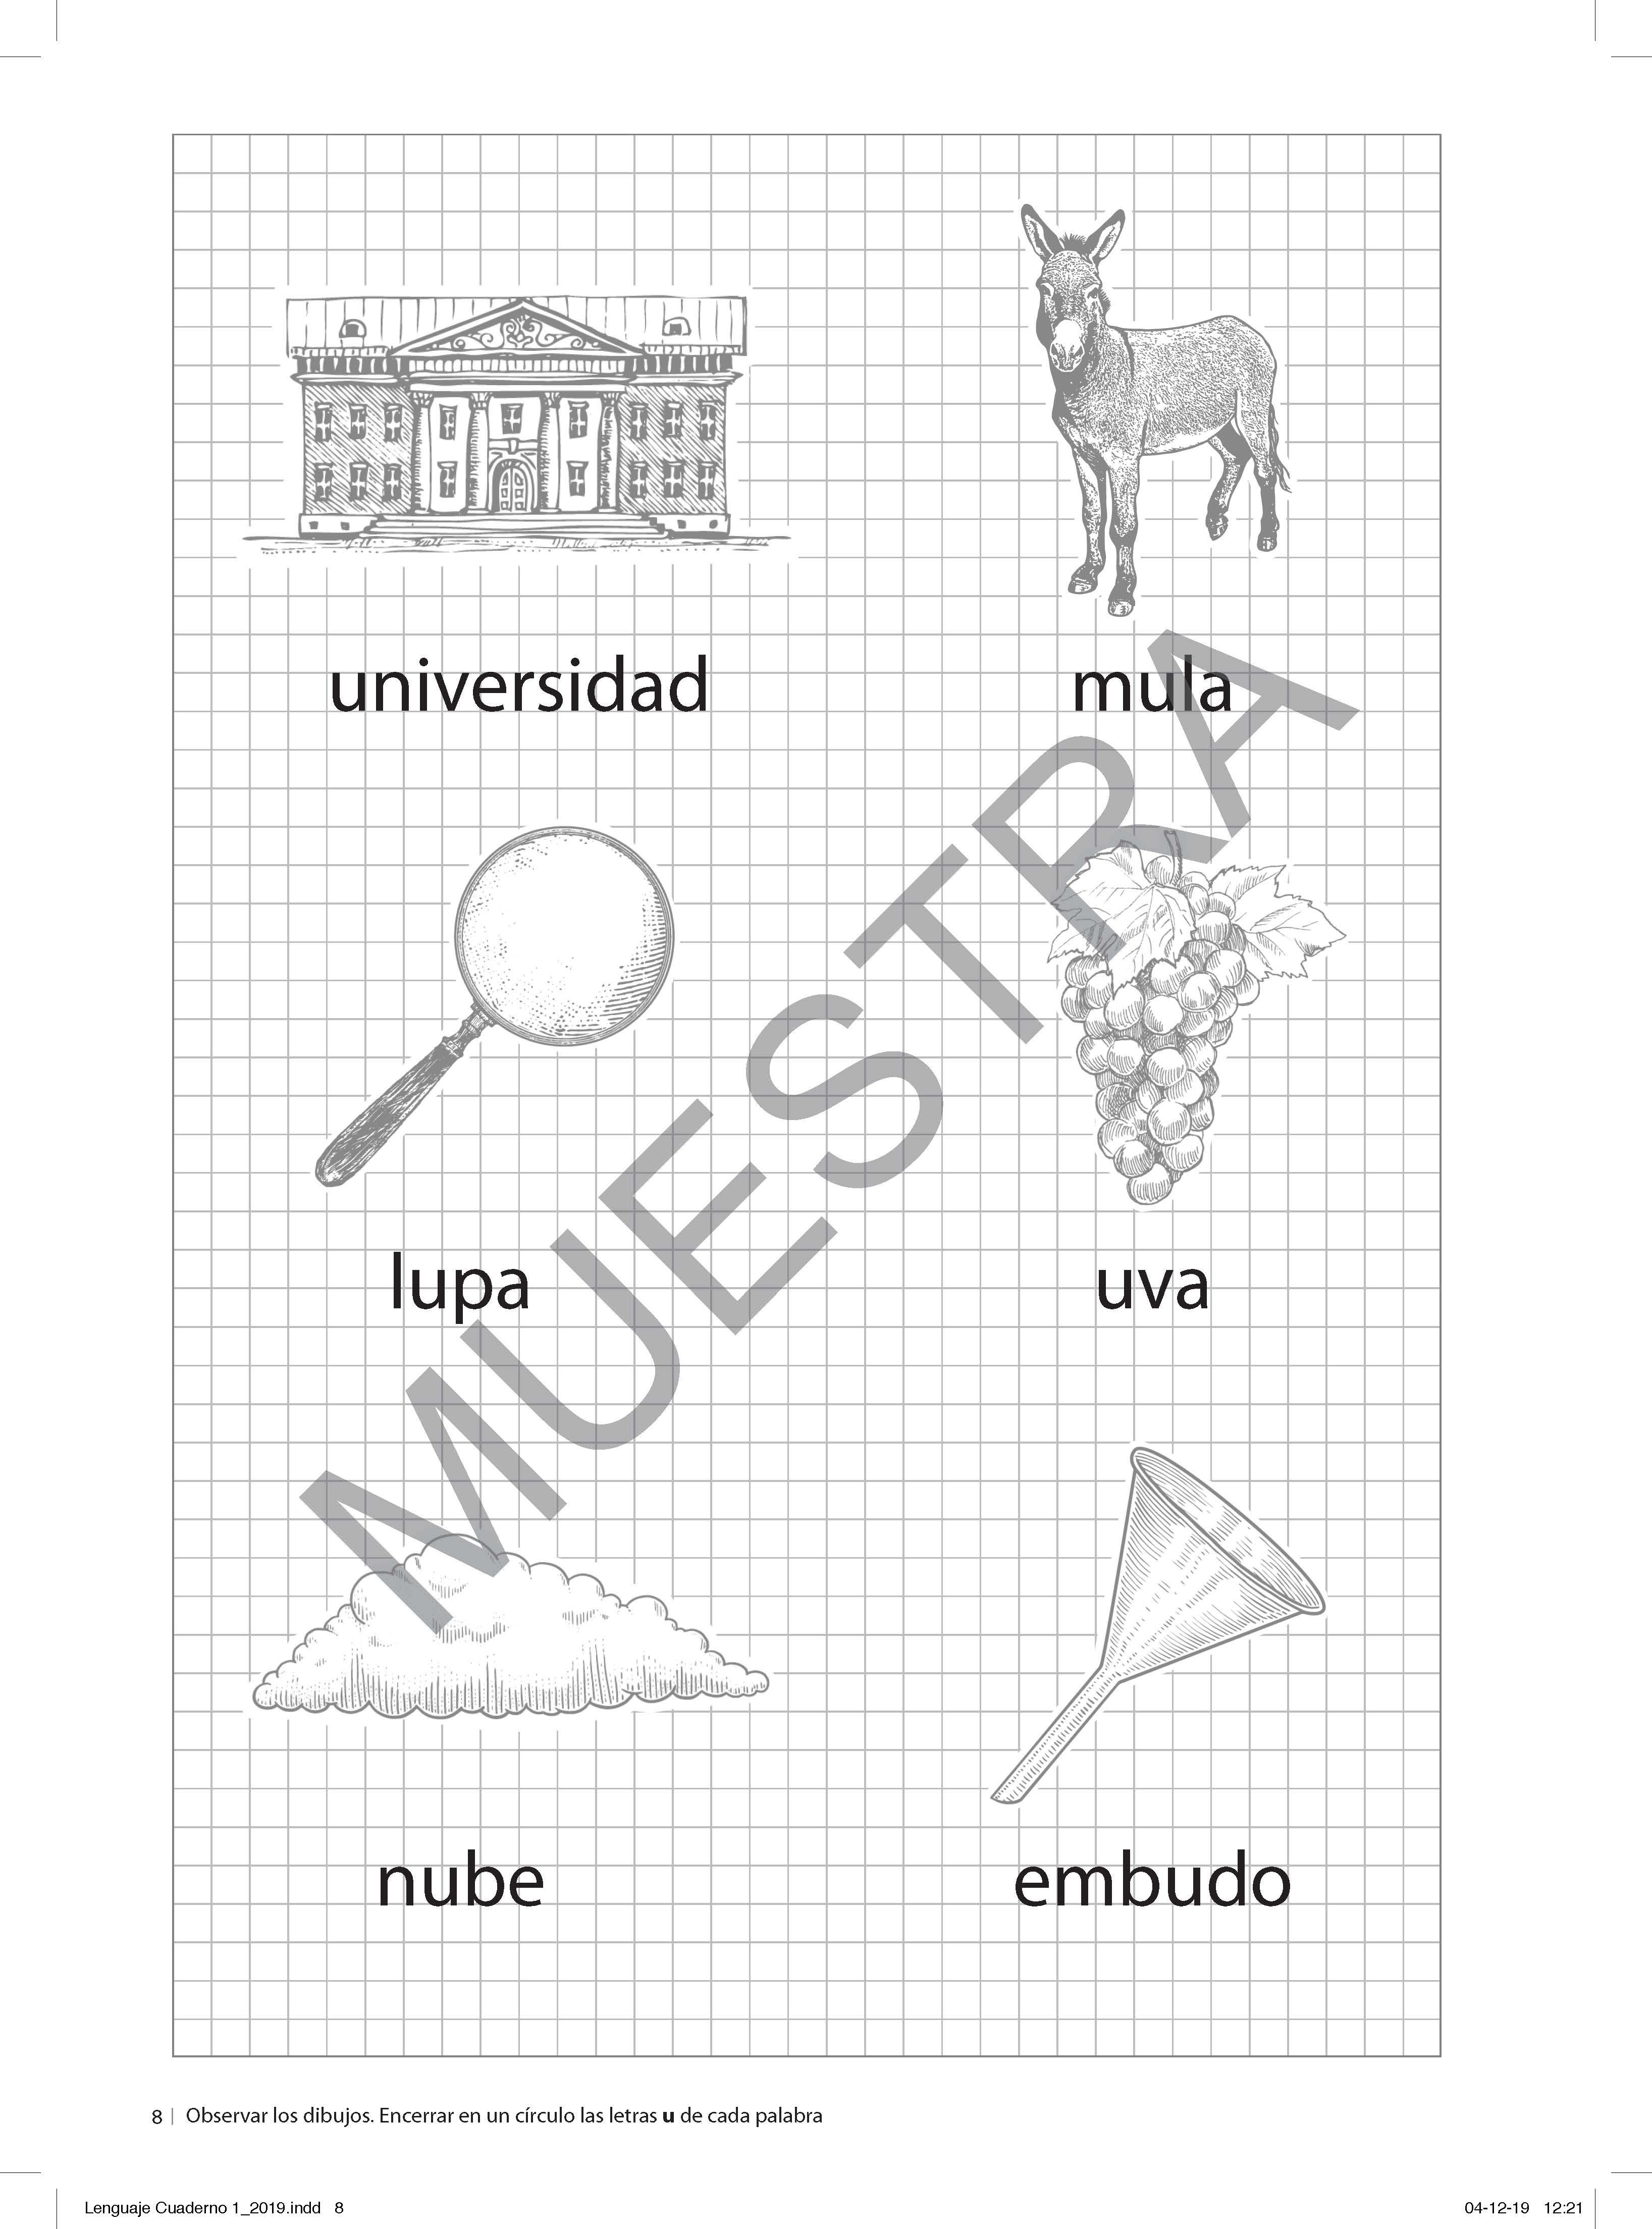 Cuaderno de lectoescritura 1° básico (Set de 3 cuadernos)